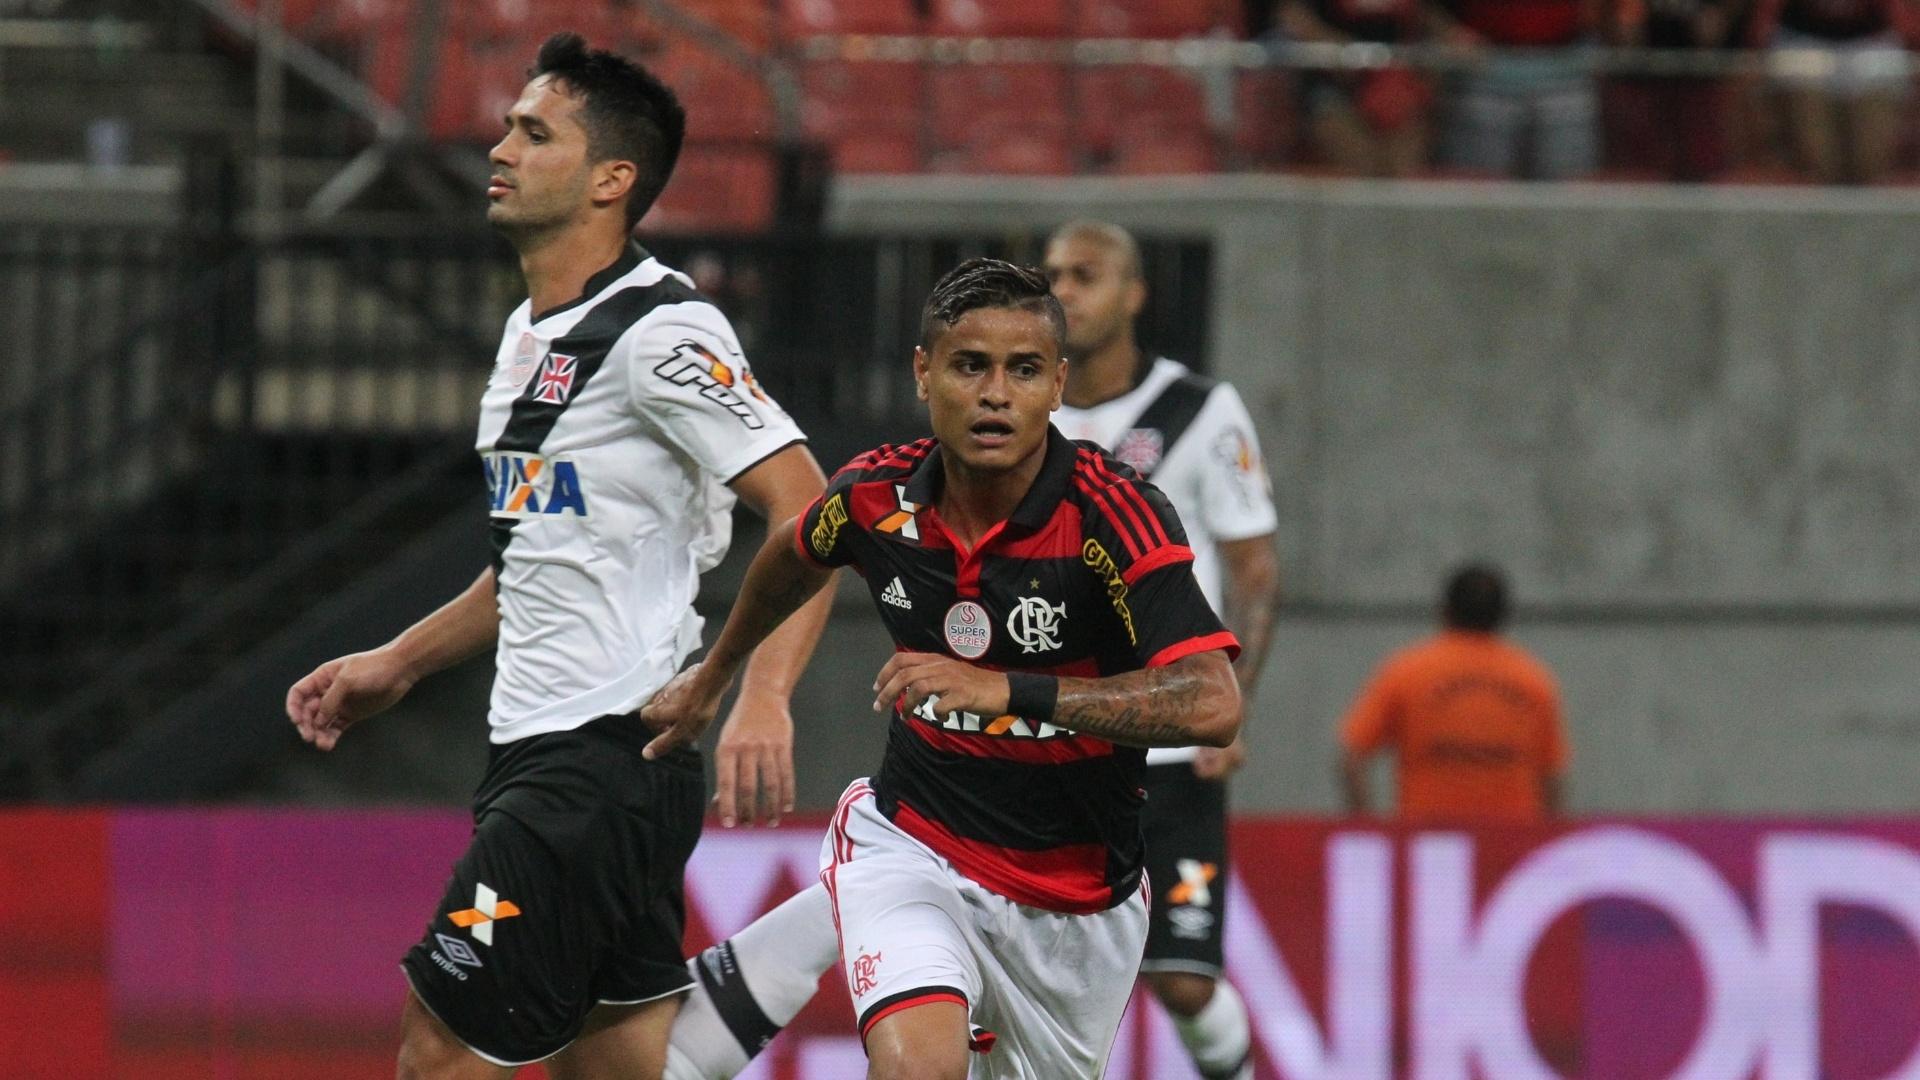 Everton corre para comemorar o gol do Flamengo no clássico em Manaus